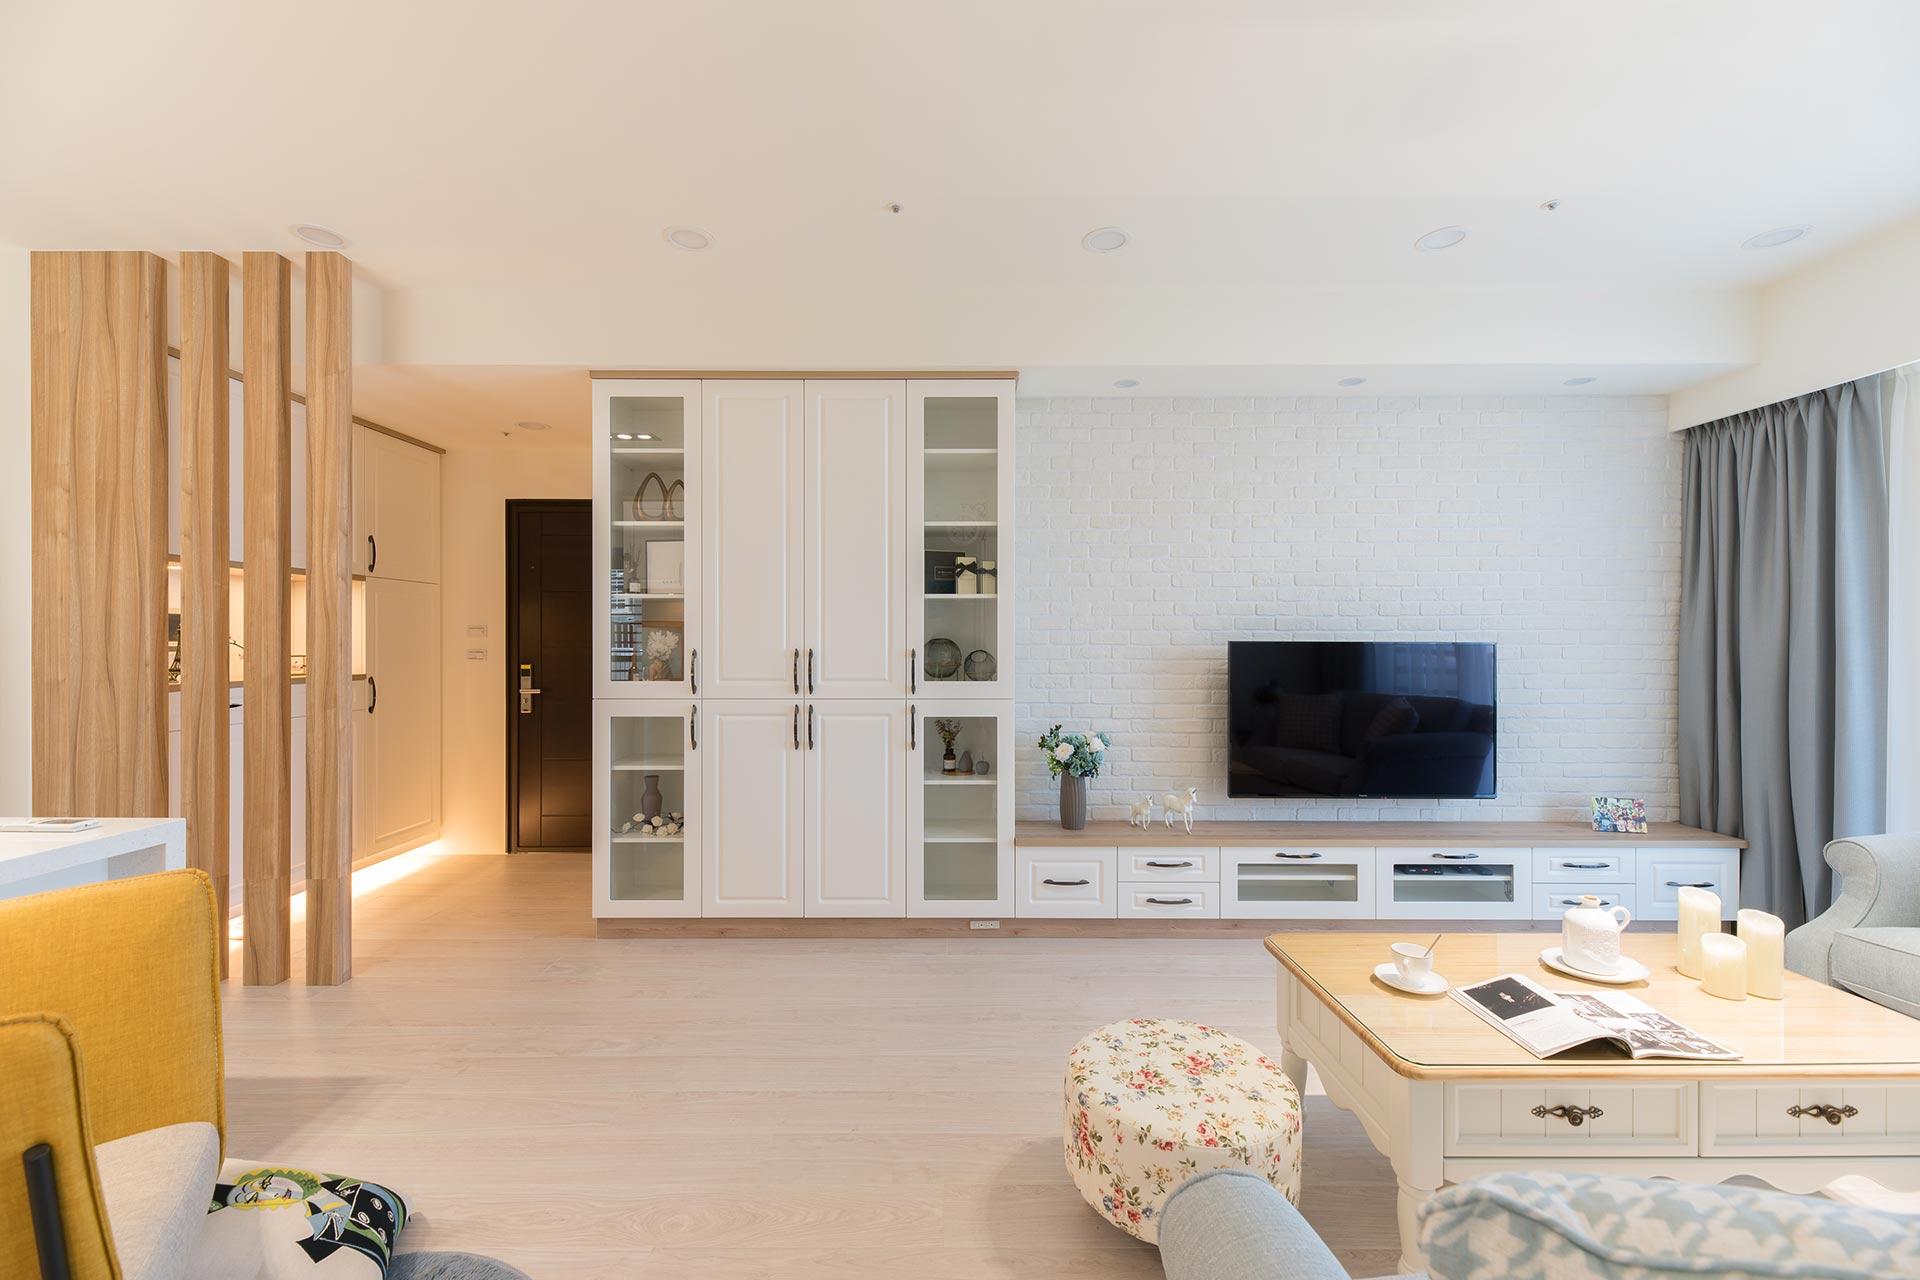 新屋裝修-優雅鄉村風|高收納量的溫馨居家